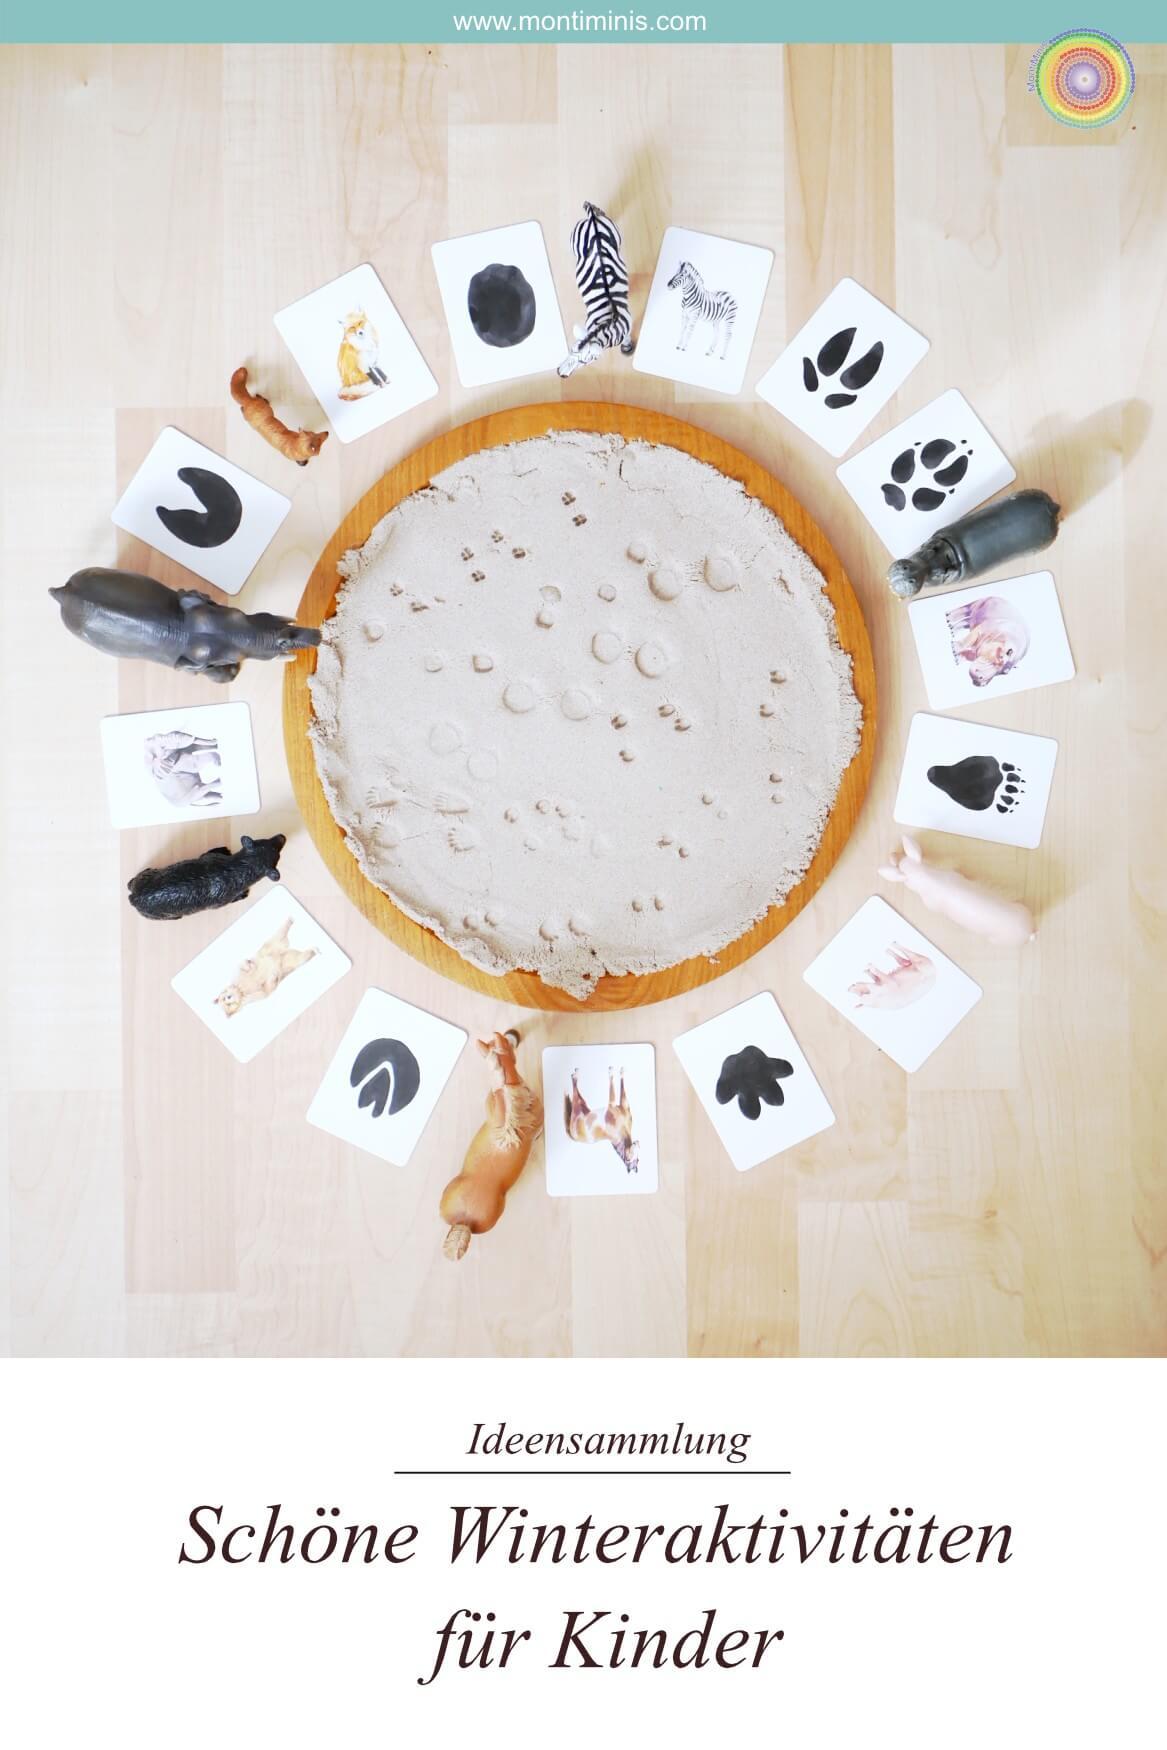 Schöne Winteraktivitäten für Kinder - Riesige Ideensammlung für Winter-Spielideen, Basteln im Winter mit Kindern, Wunschlichter, DIY-Knete, Sensory Play, Eislicht, Fenstersterne, Wilden Tieren auf der Spur, Bügelperlen, MontiMinis.com